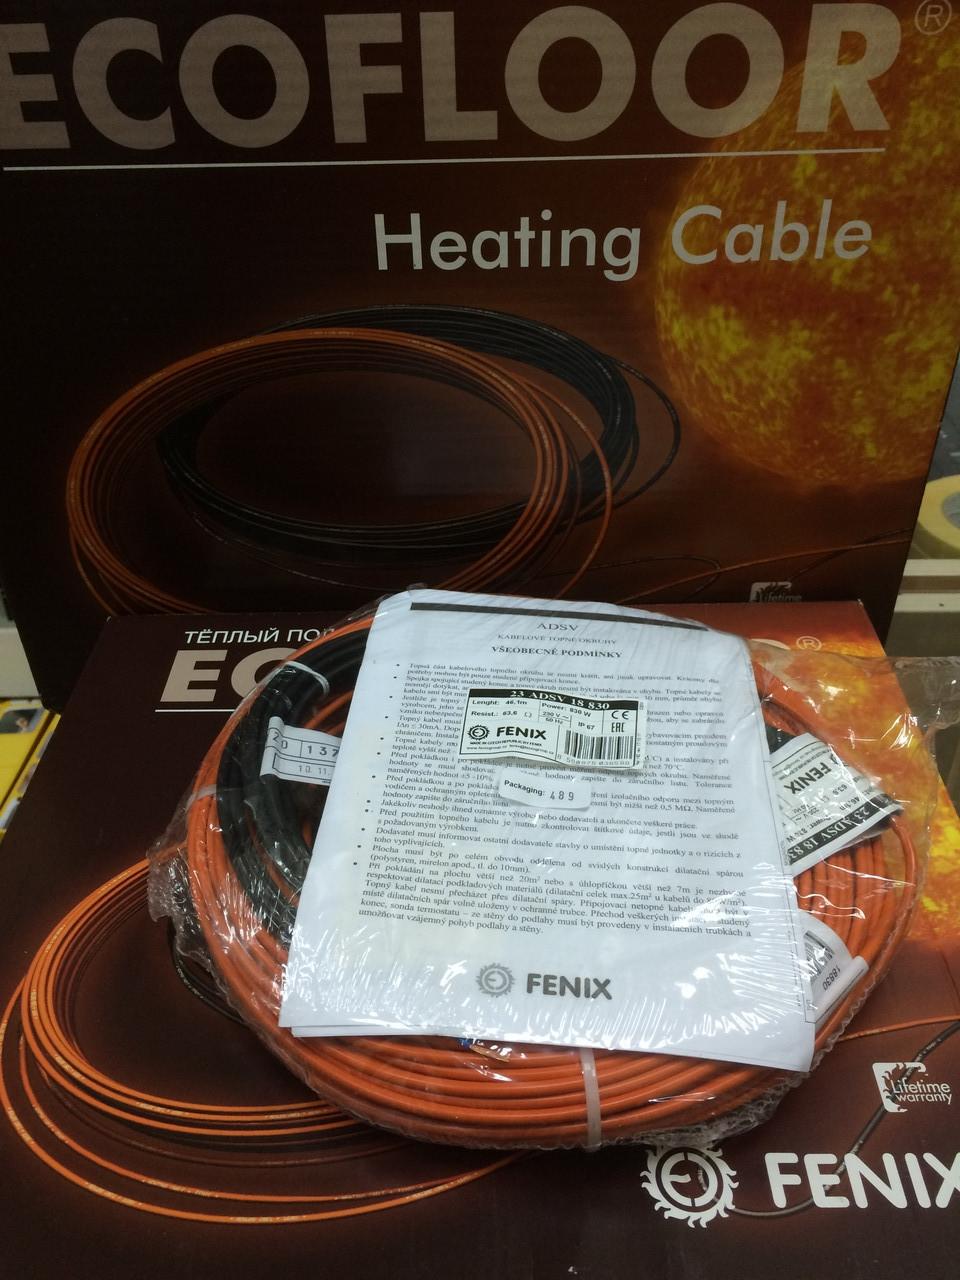 Нагрівальний кабель 520Вт 28м Fenix Ecofloor (Чехія) ADSV18 для теплої підлоги електричної